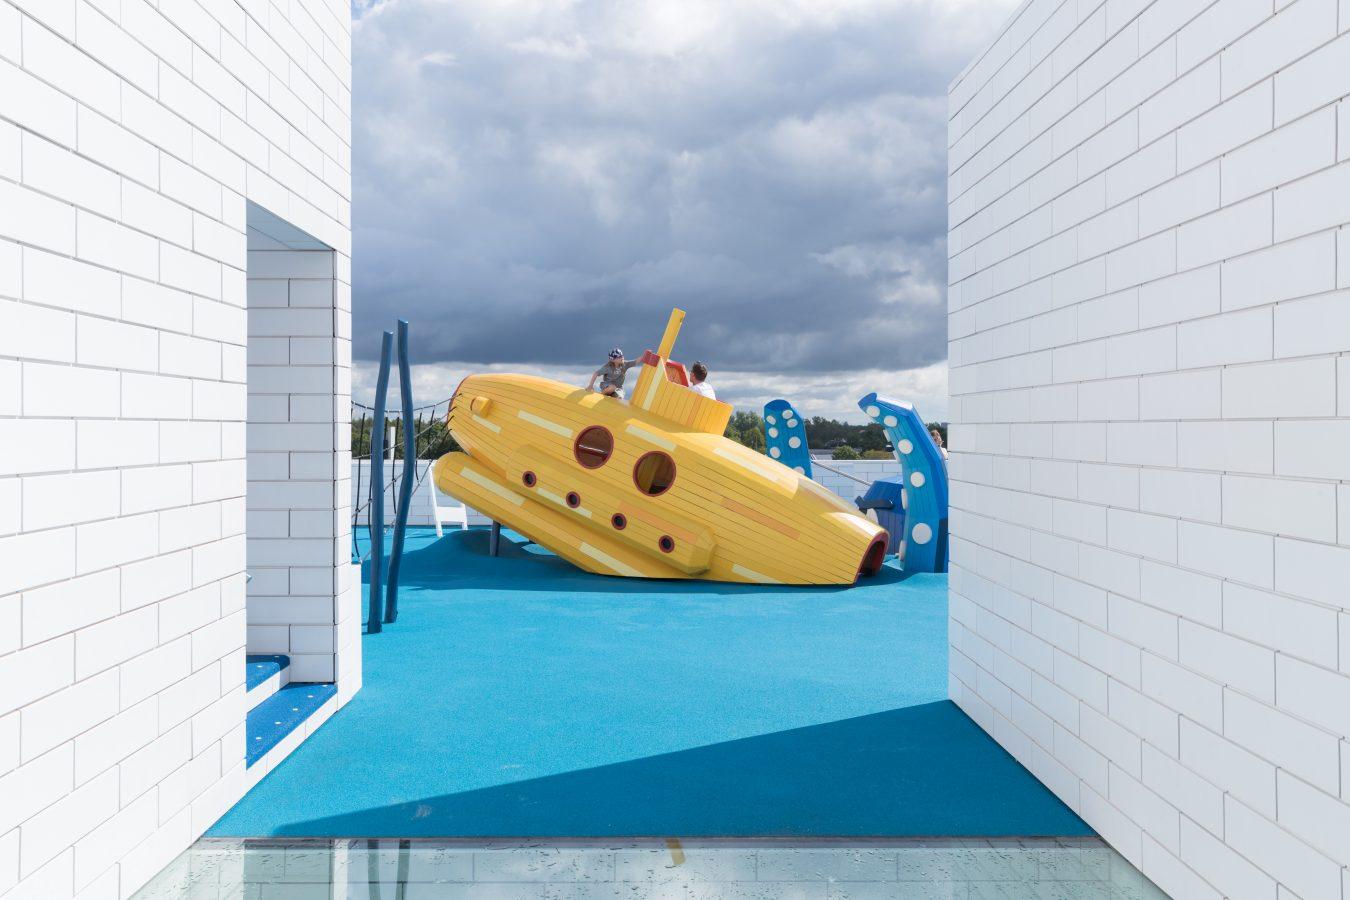 terraza en lego house con juegos para los niños